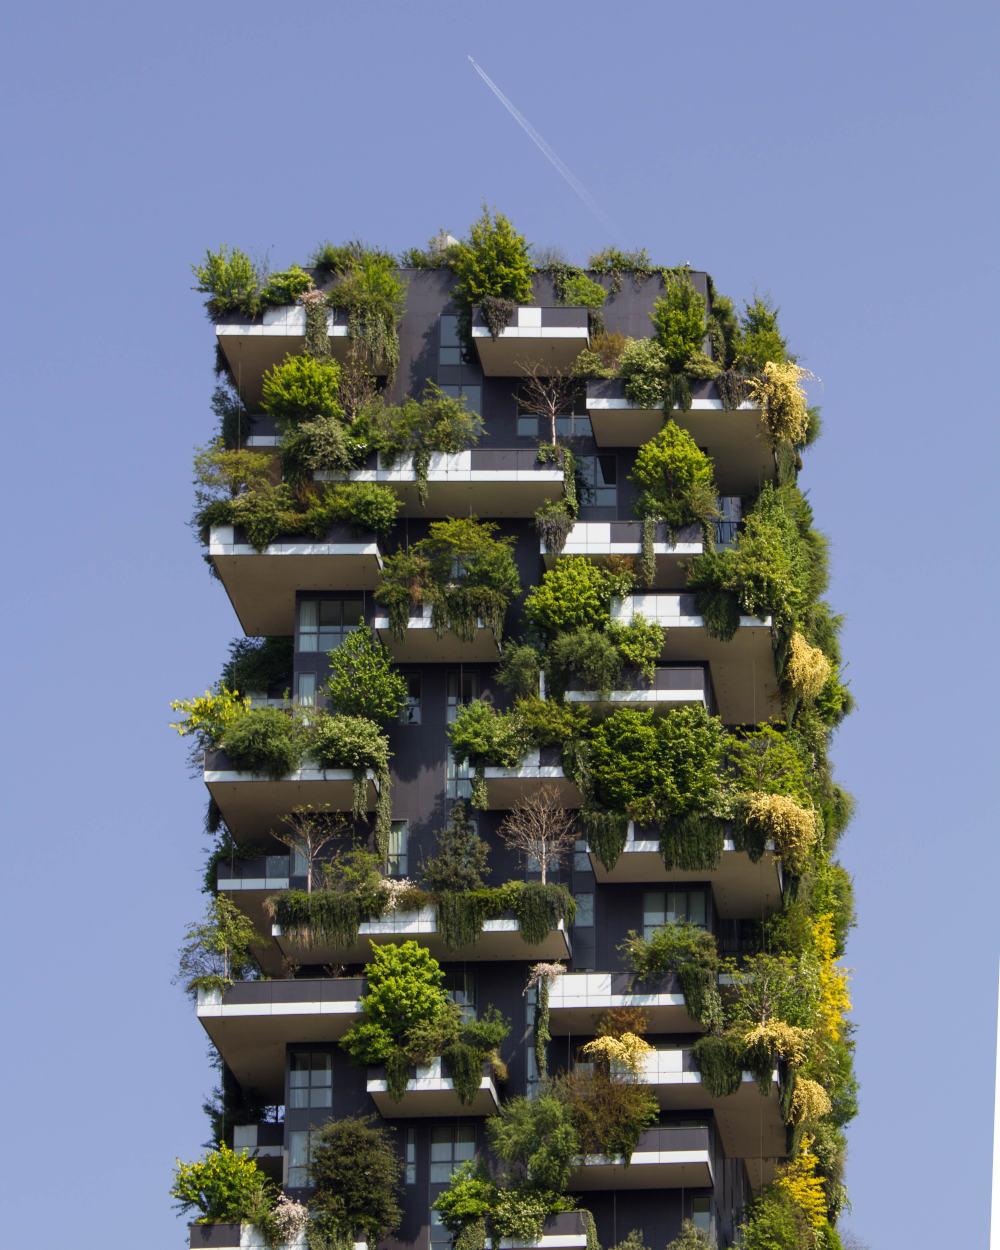 https://www.ccifrance-allemagne.fr/wp-content/uploads/2021/02/batiment_ecologie_plante.jpg